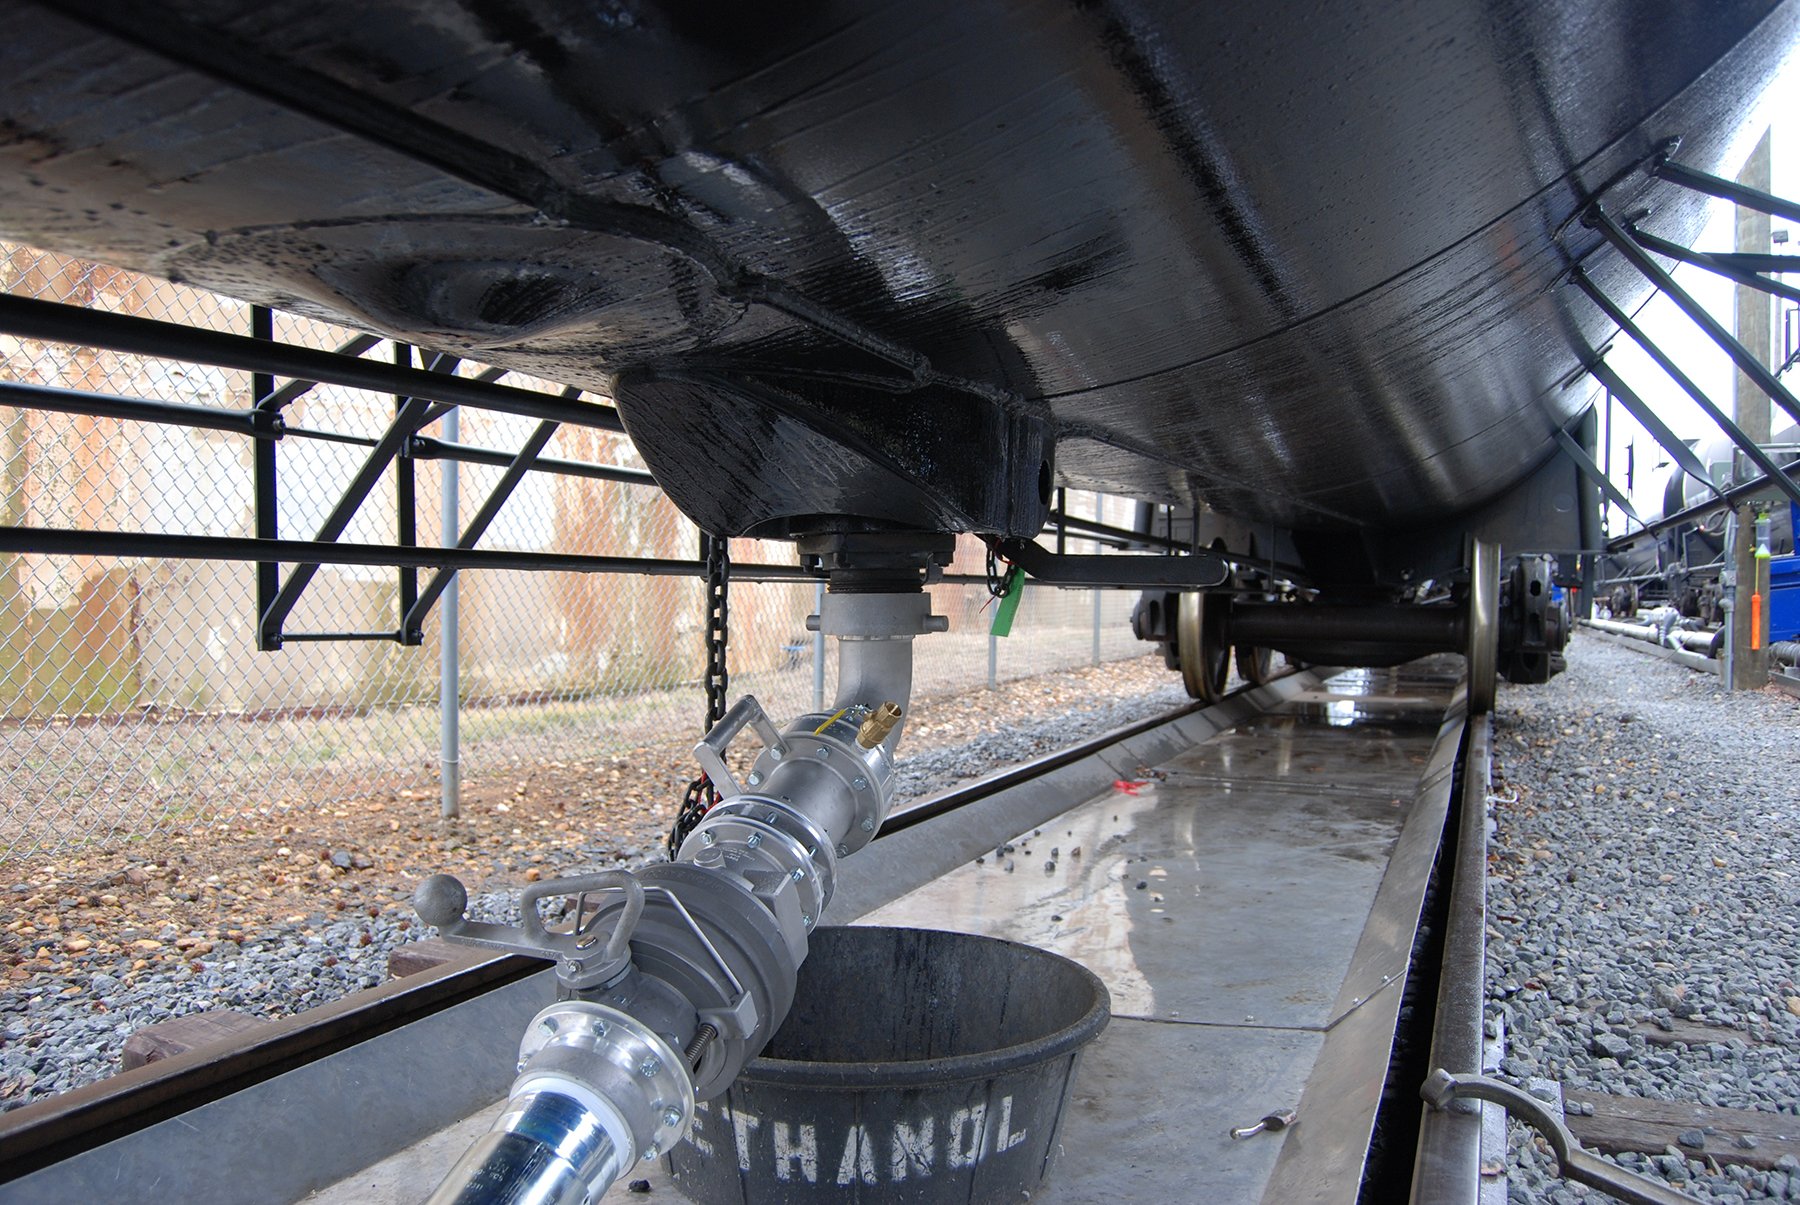 Railcar unloading dixon valve us